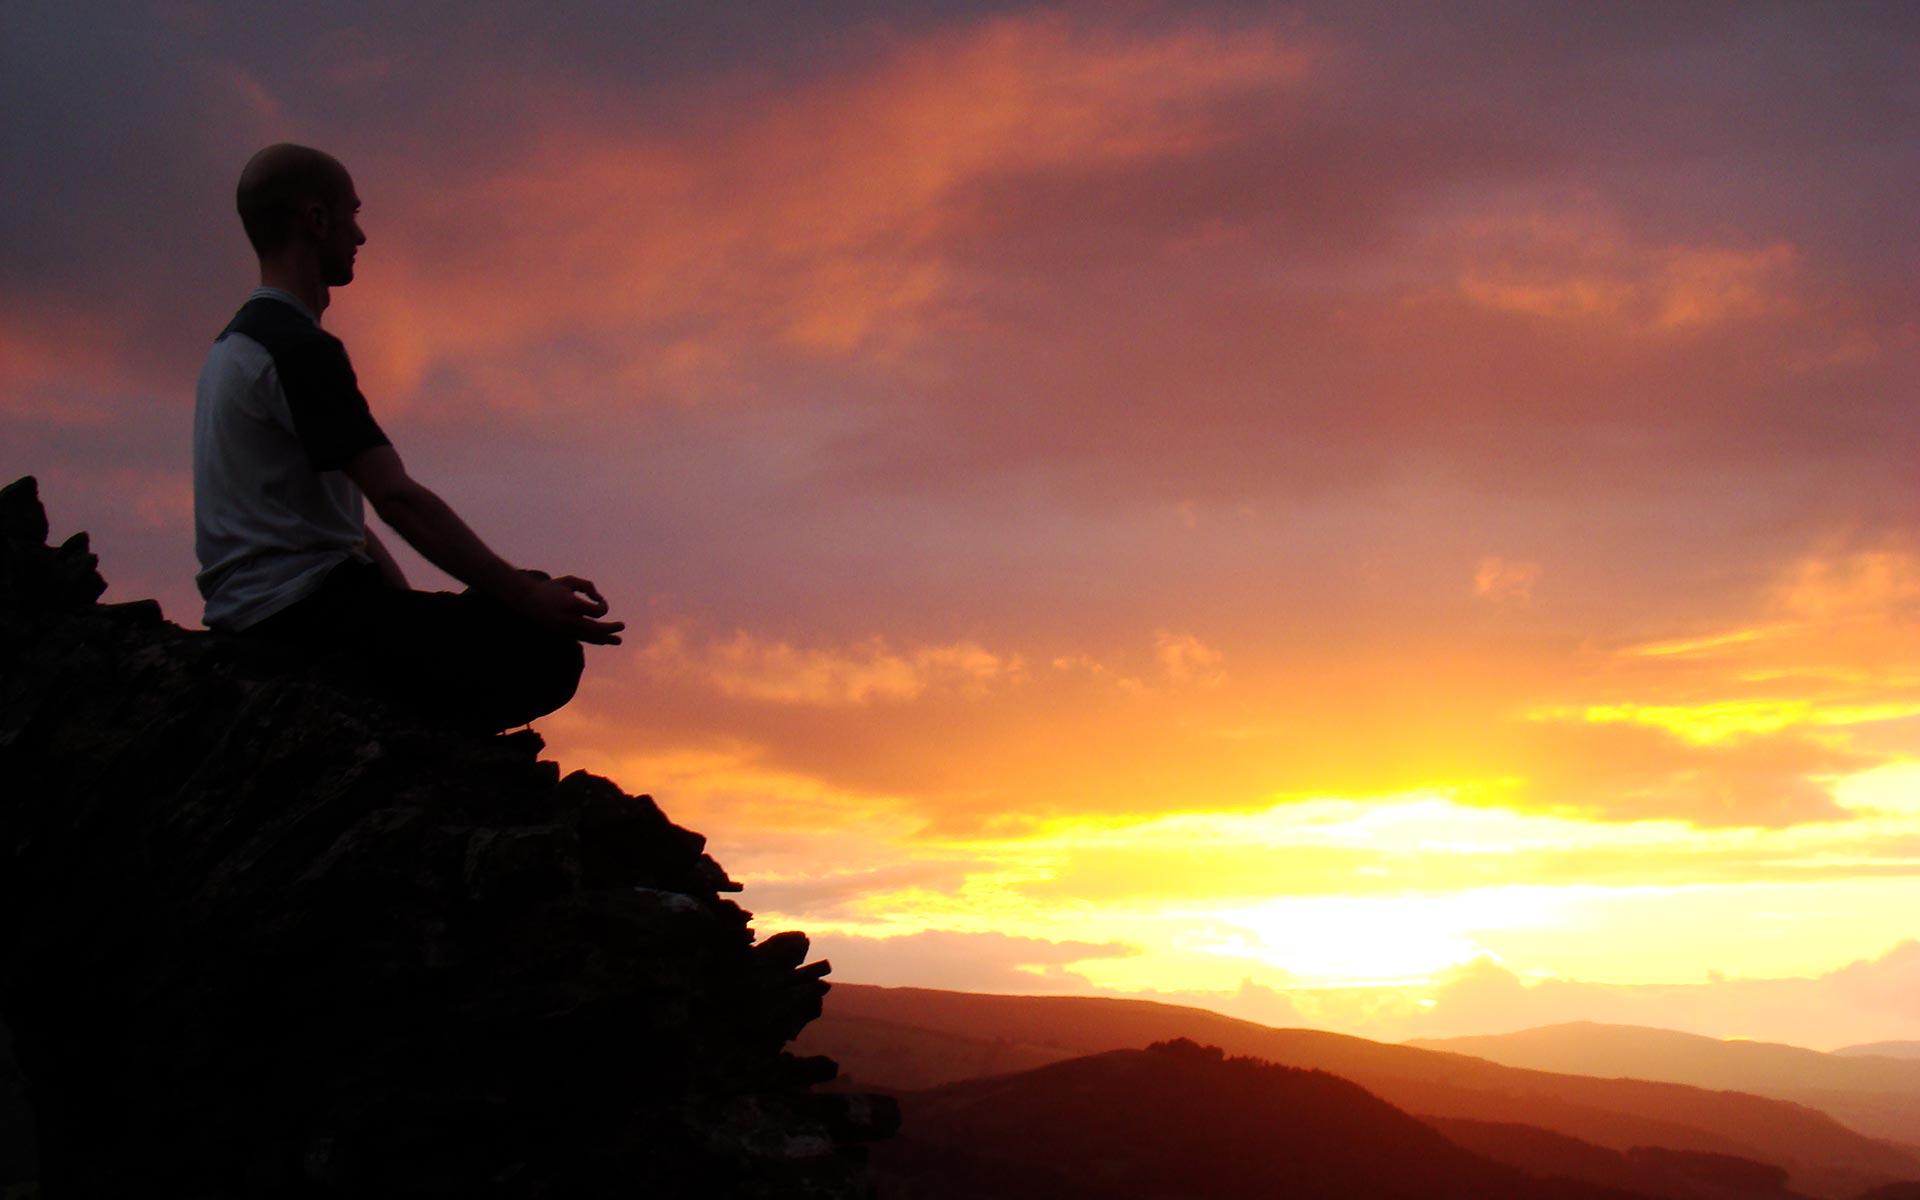 Medytacja o zachodzie słońca - Michał Miodoński Ramante